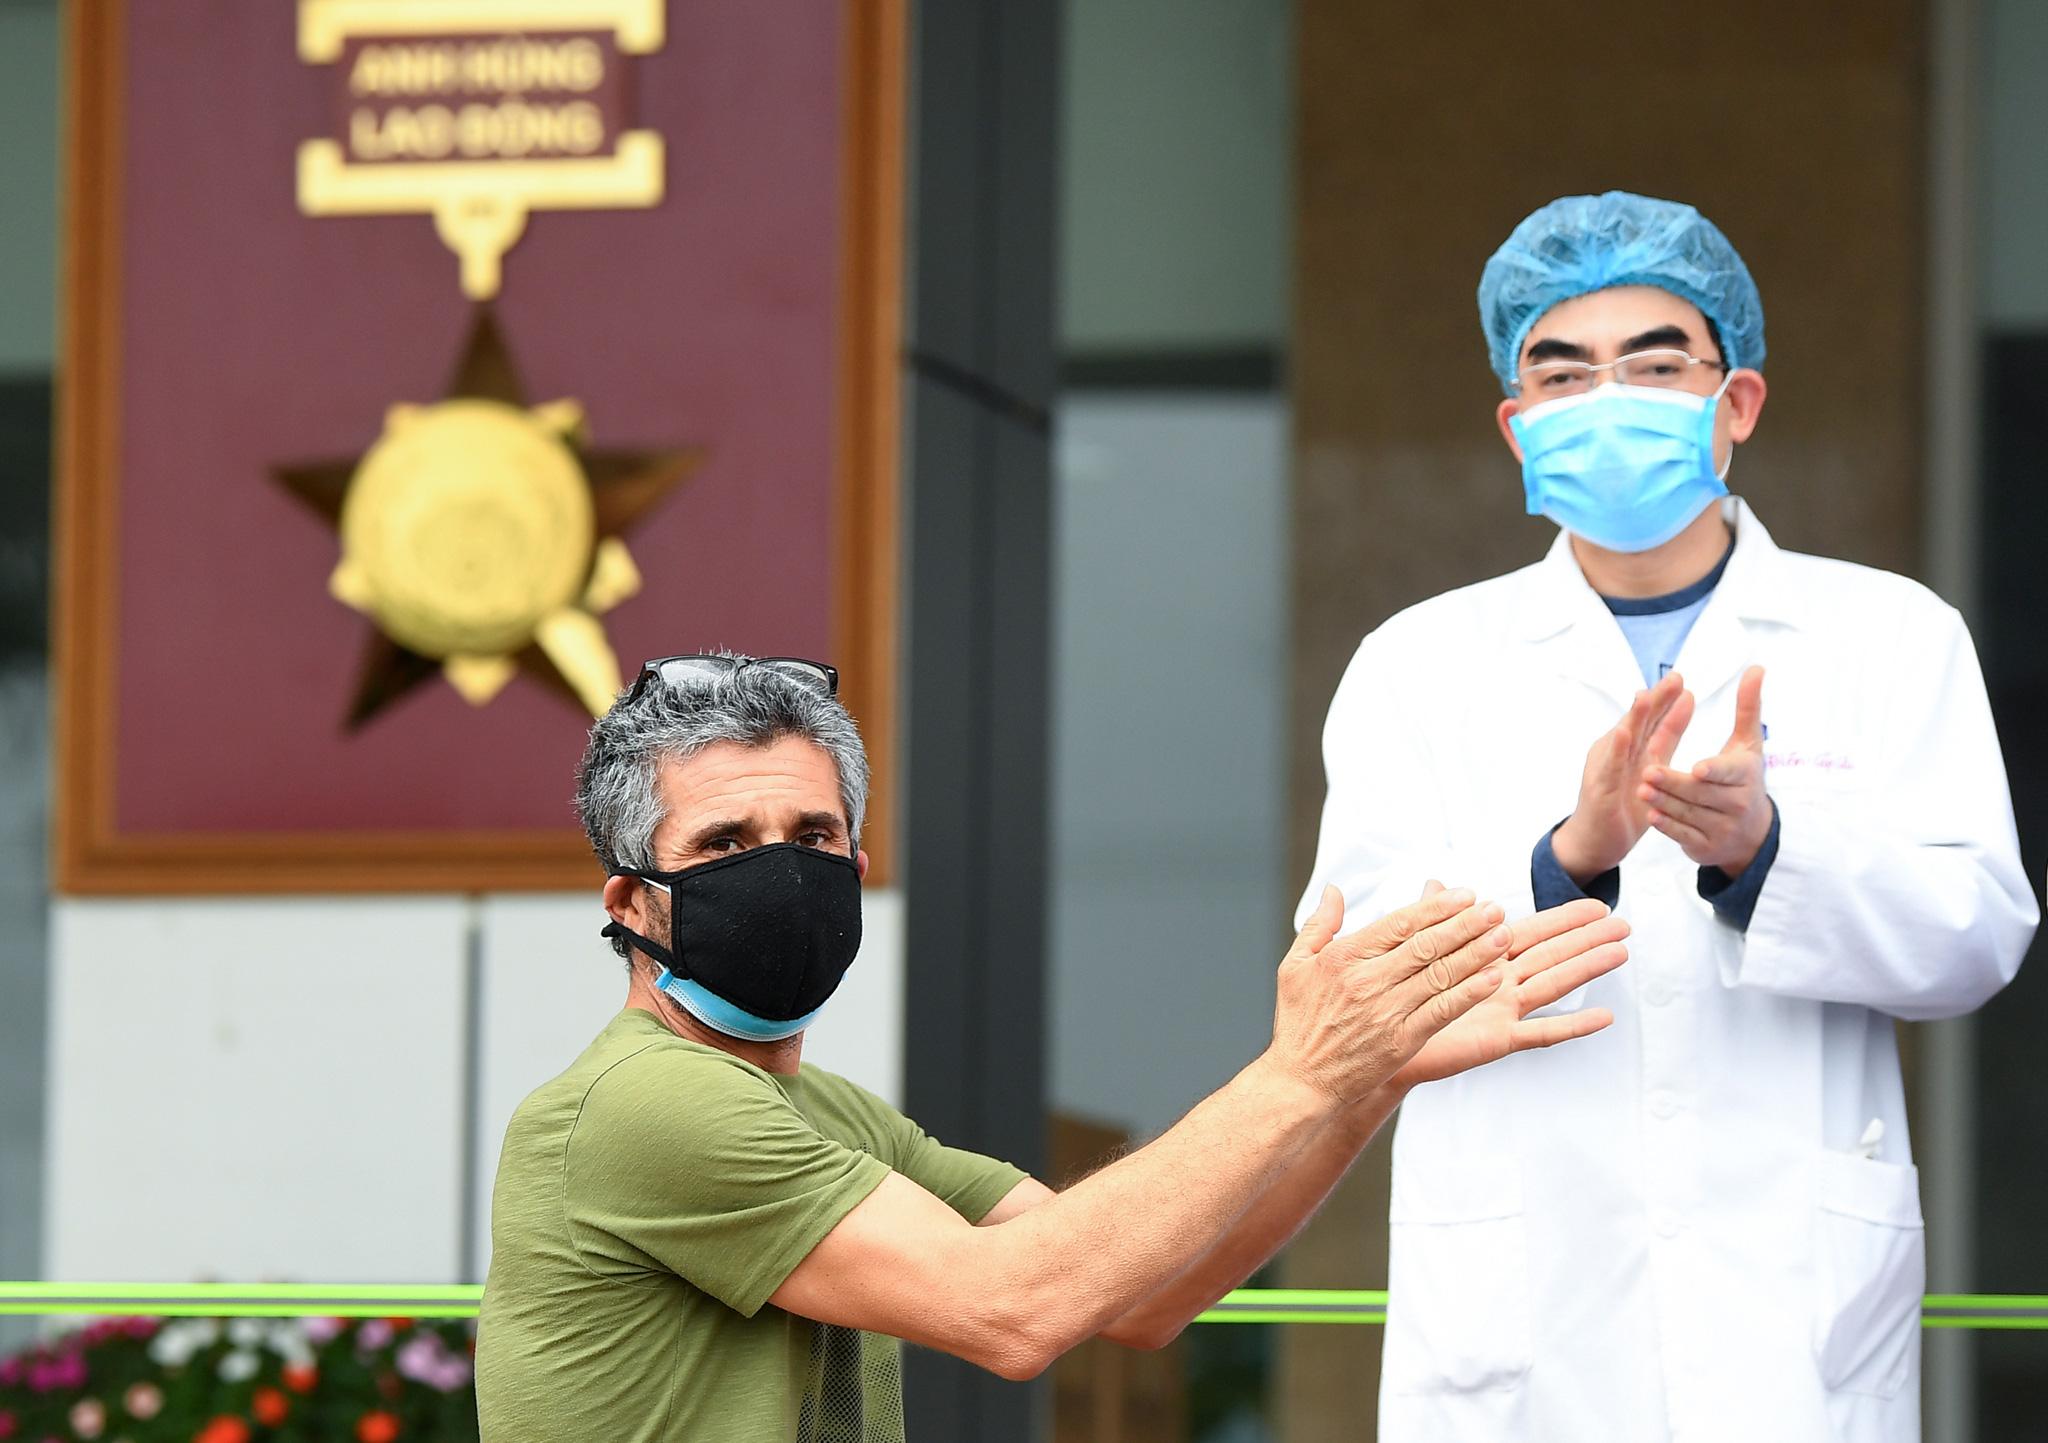 Bệnh nhân người Pháp vỗ tay không ngớt bày tỏ cảm ơn, khen ngợi bác sĩ Việt Nam trong ngày ra viện - Ảnh 2.